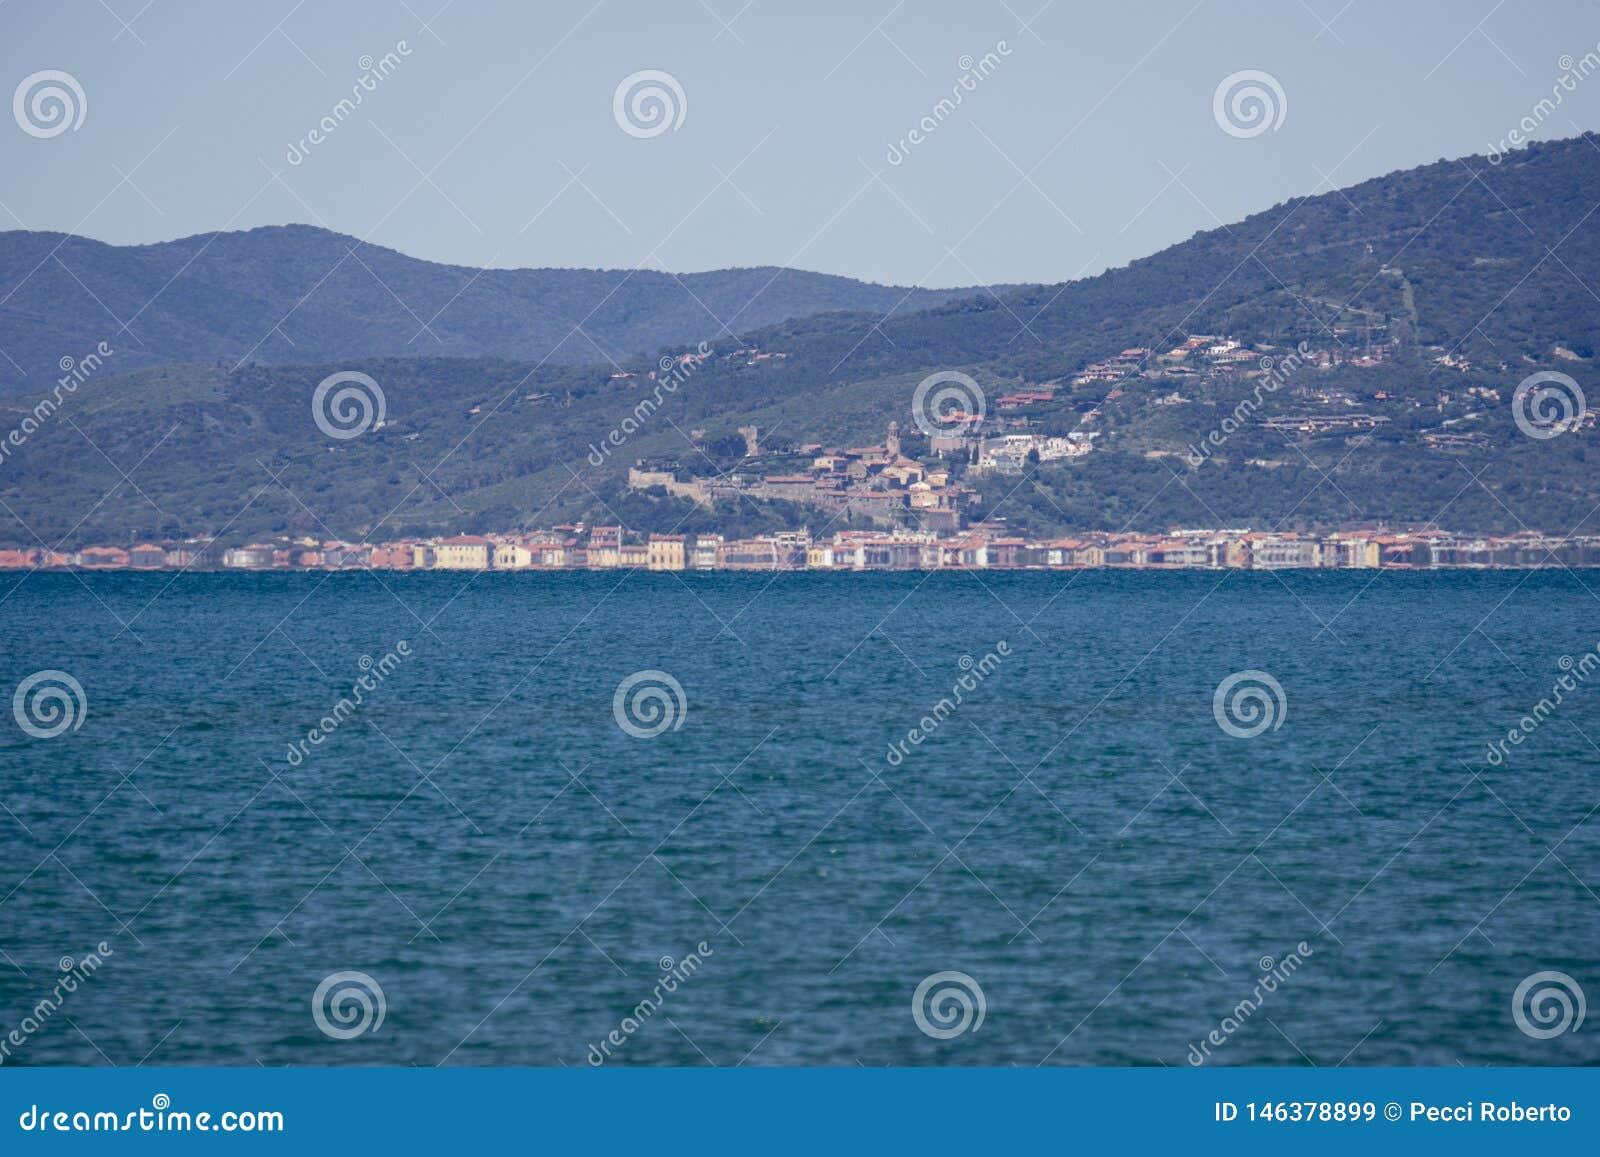 Italy Tuscany Maremma, on the beach towards Bocca di Ombrone, view of the coast line, in the background Castiglione della pescaia